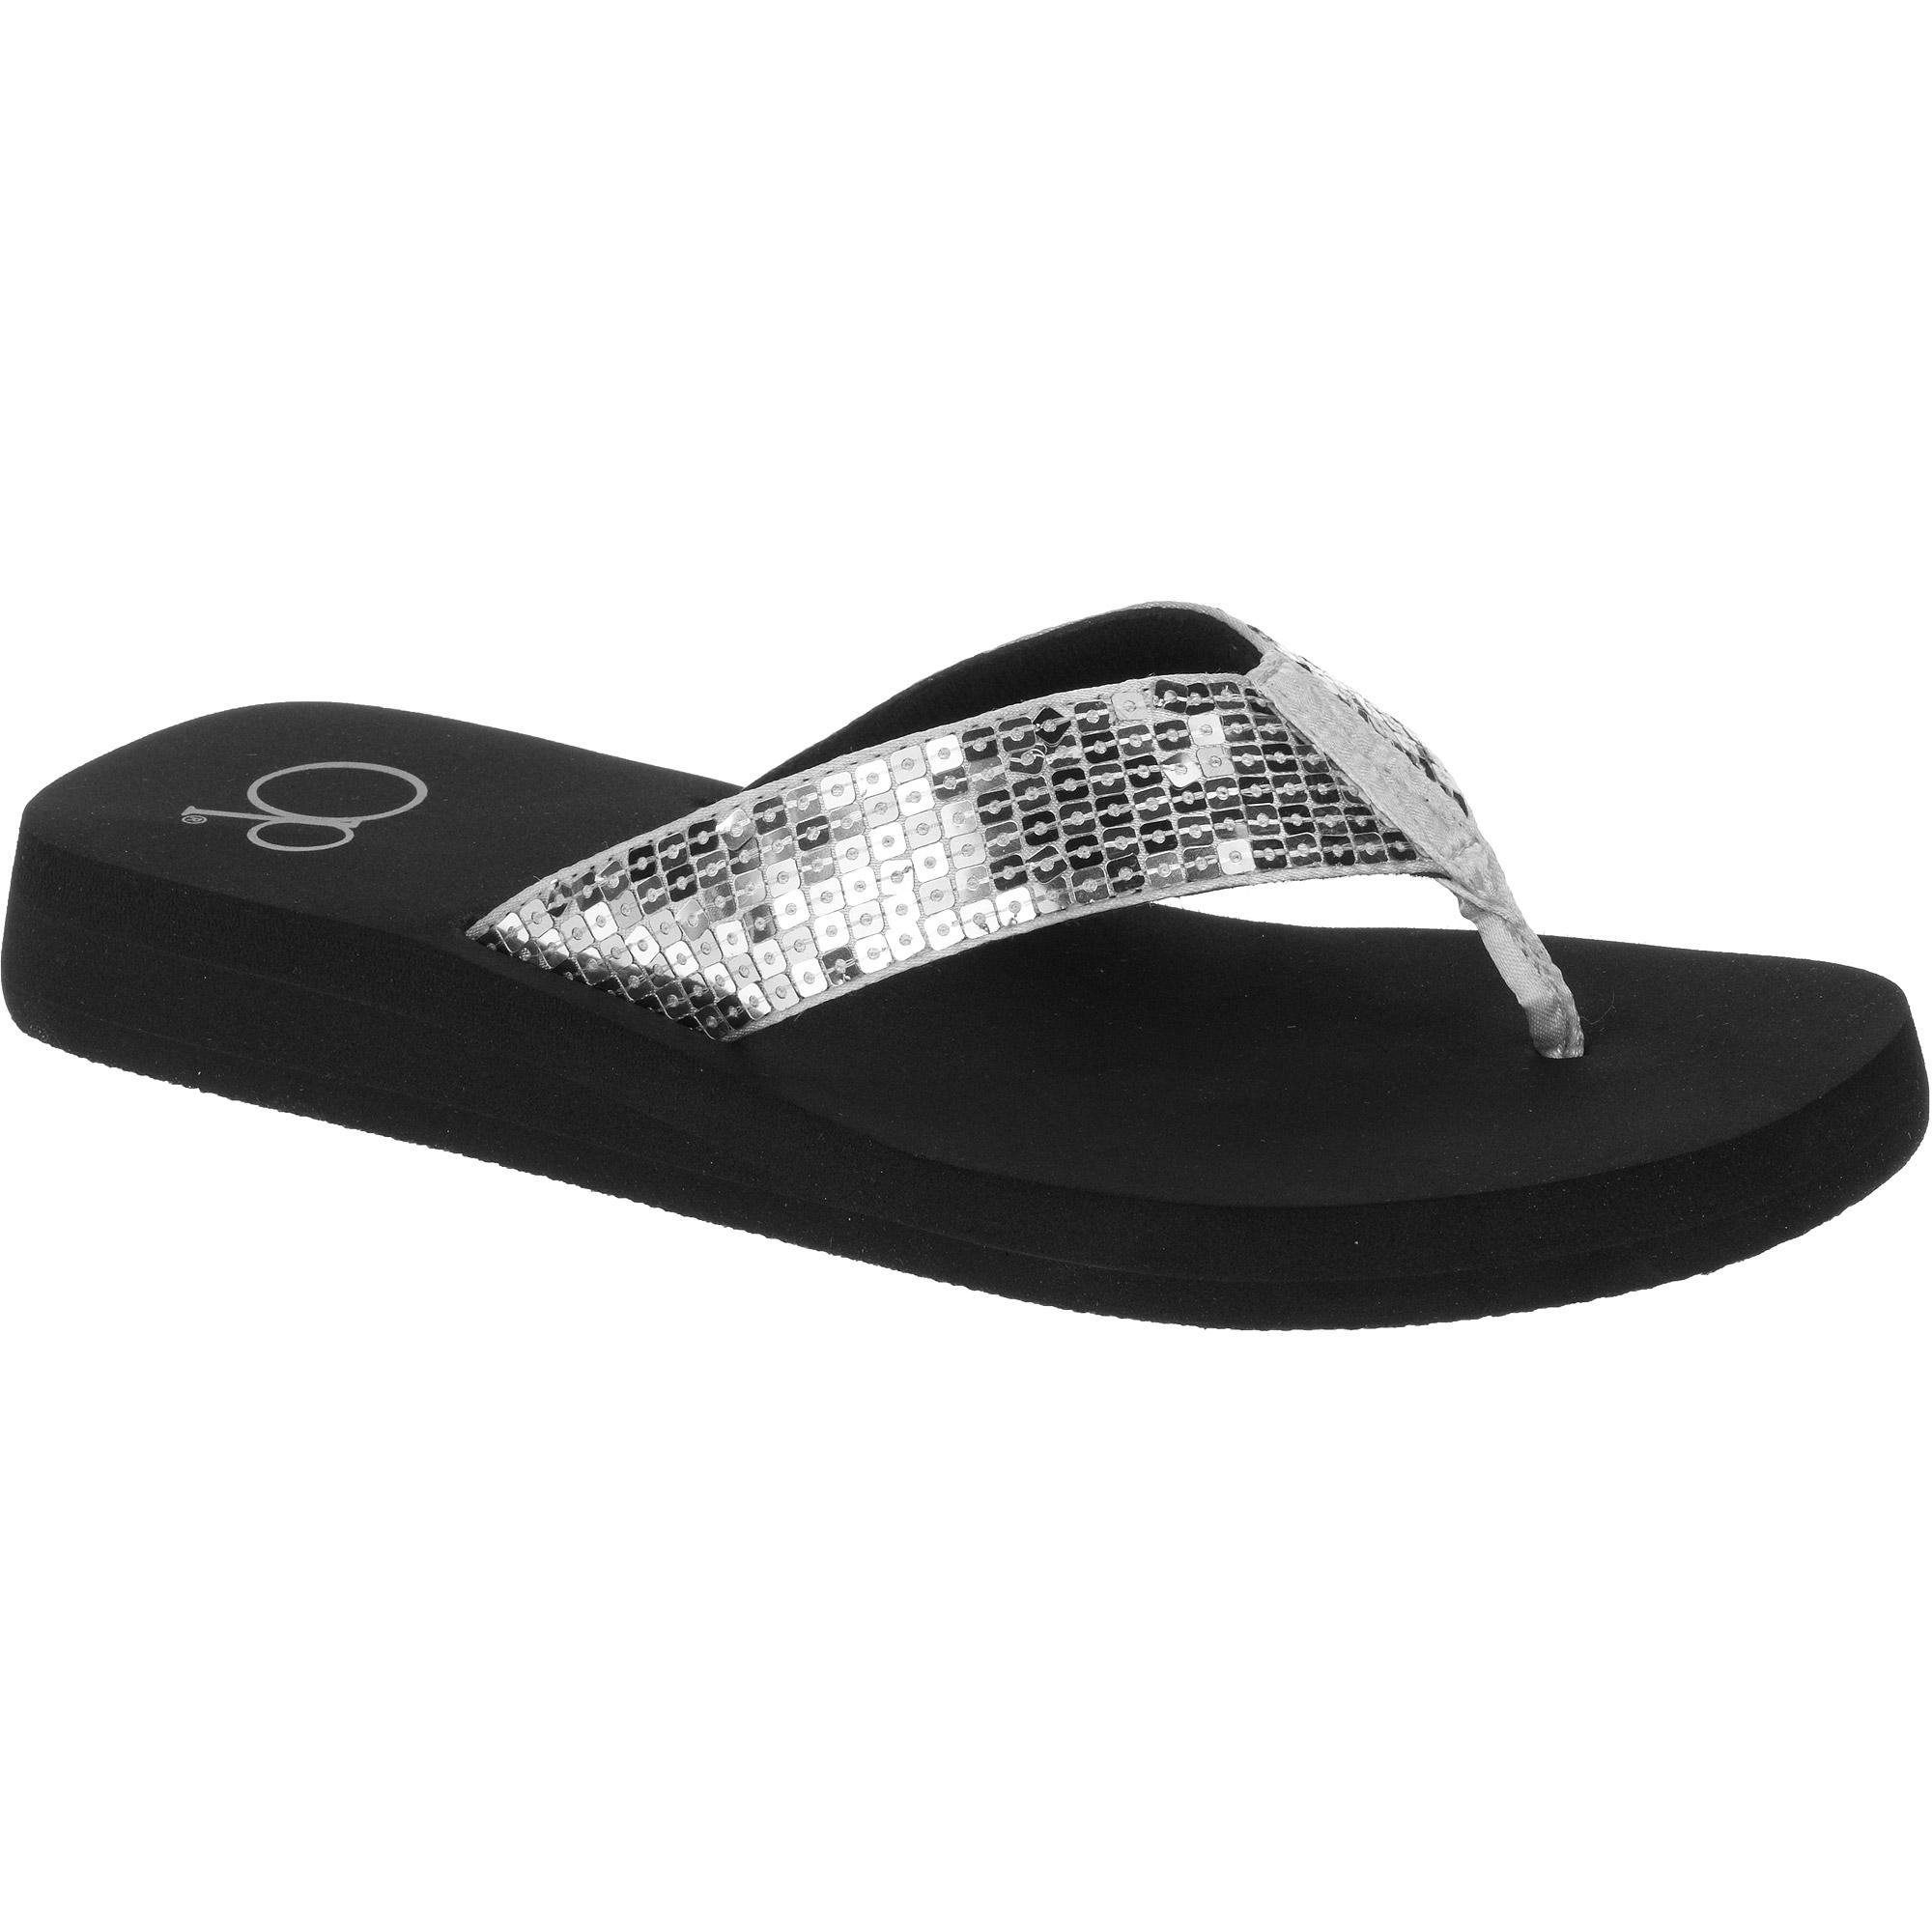 OP Women's Thong Sandal